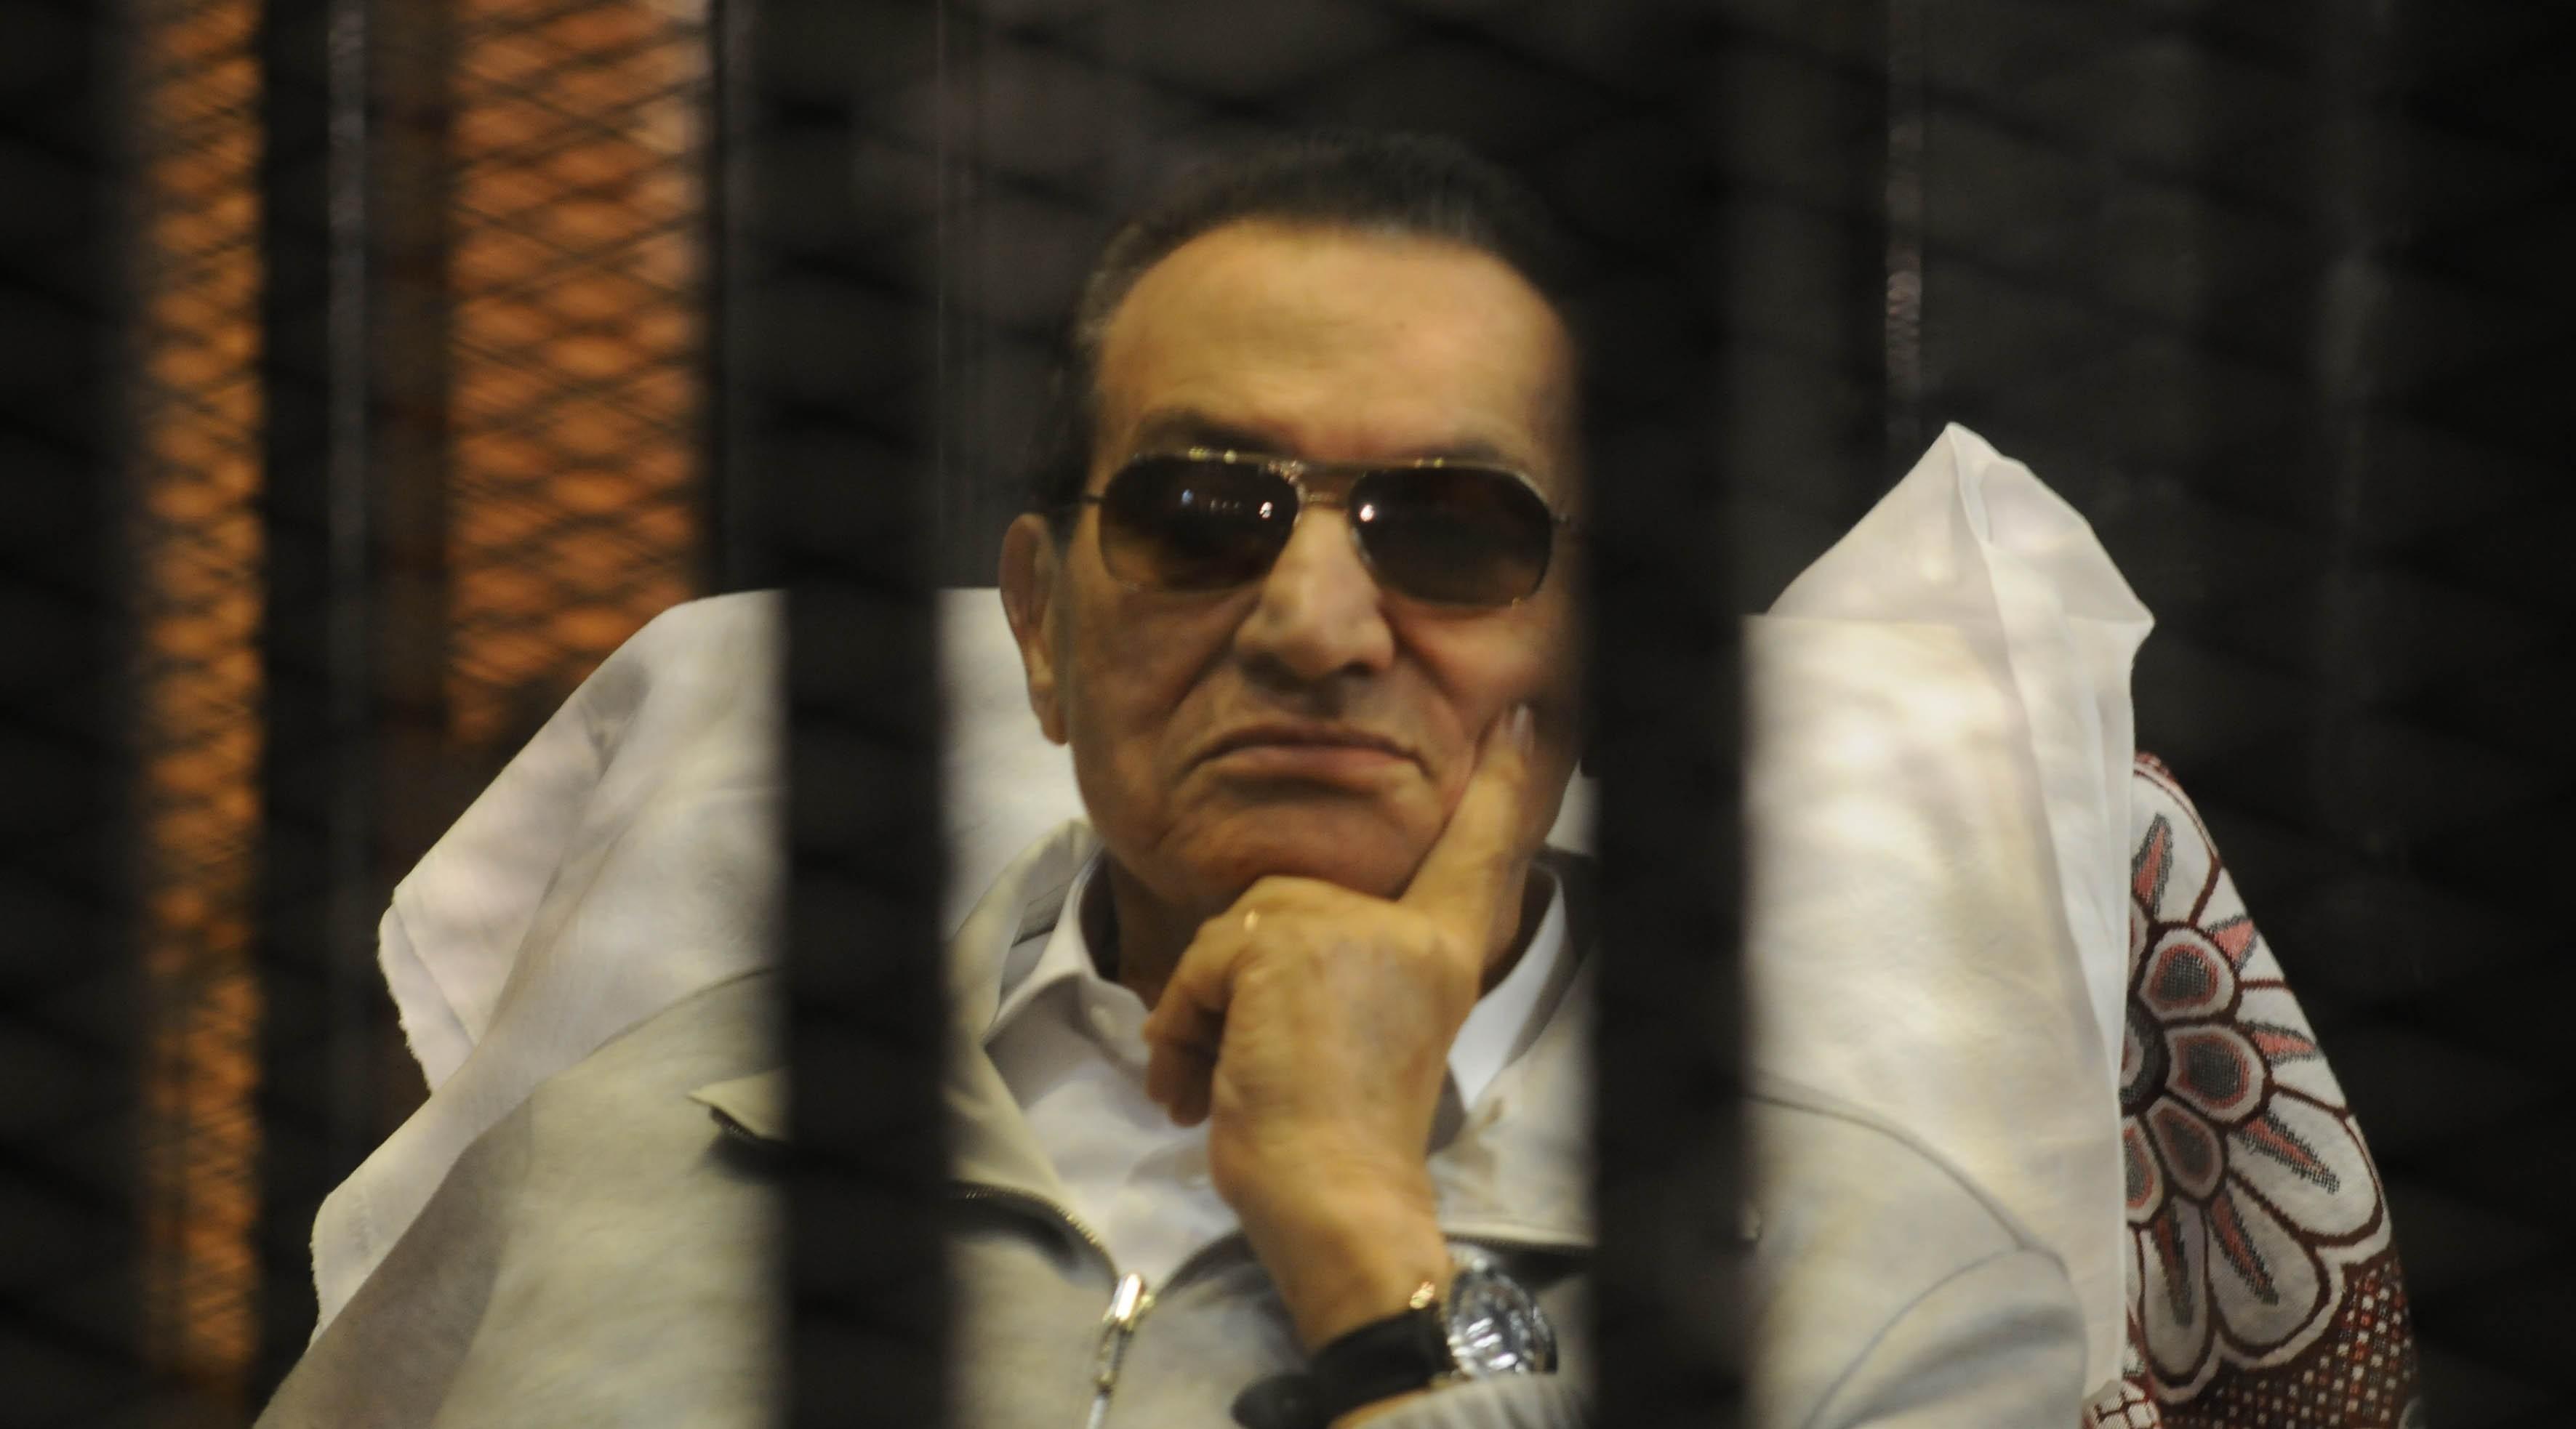 «هو في رئيس بيتحاسب».. هكذا استقبل رواد توتير براءة مبارك